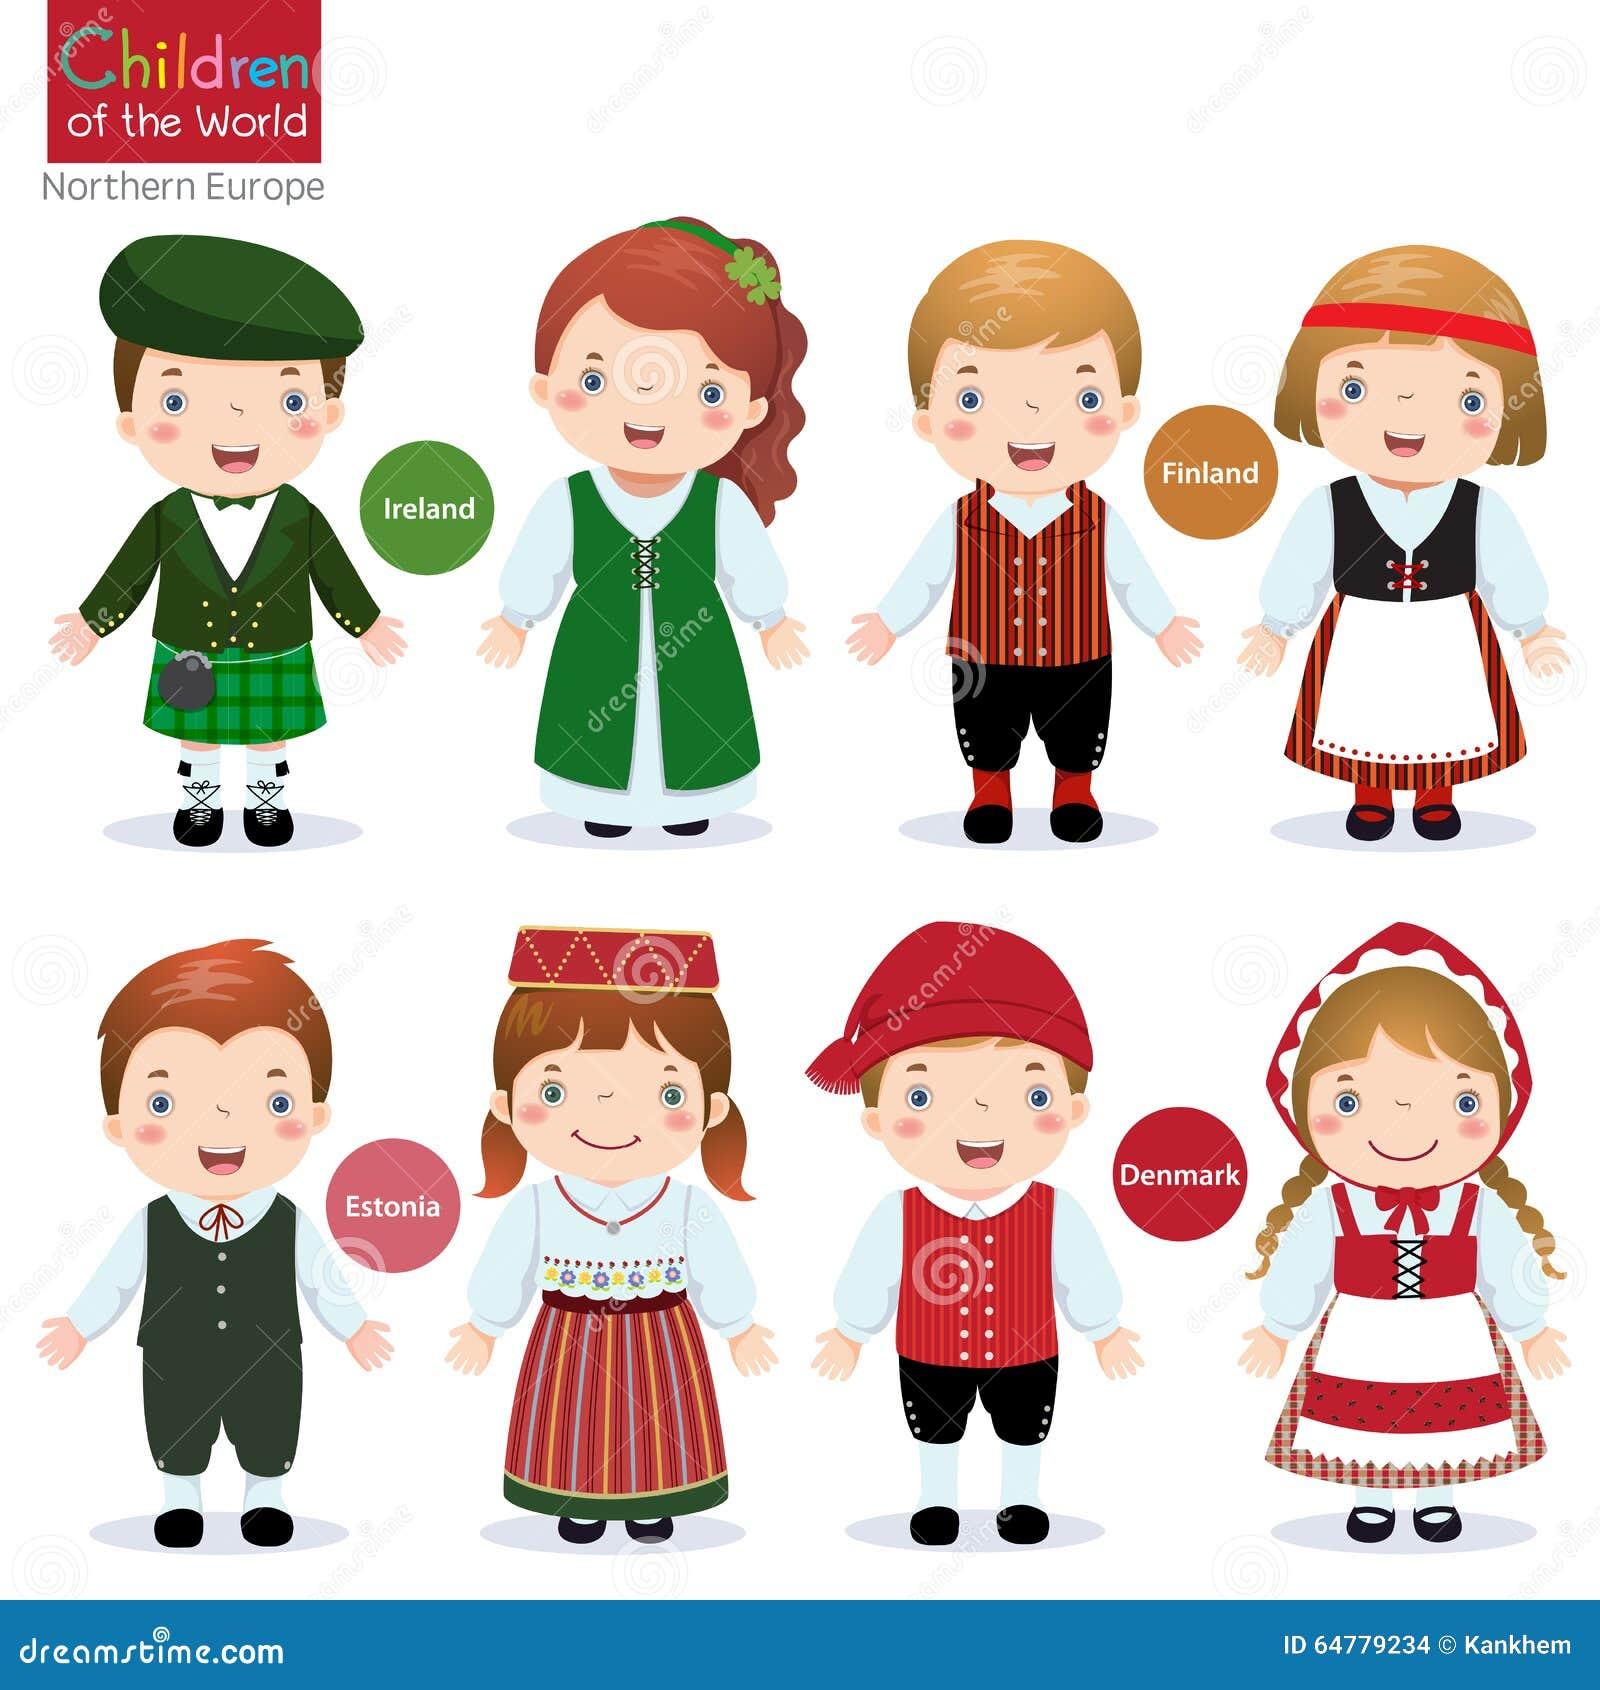 Niños del mundo (Irlanda, Finlandia, Estonia y Dinamarca)